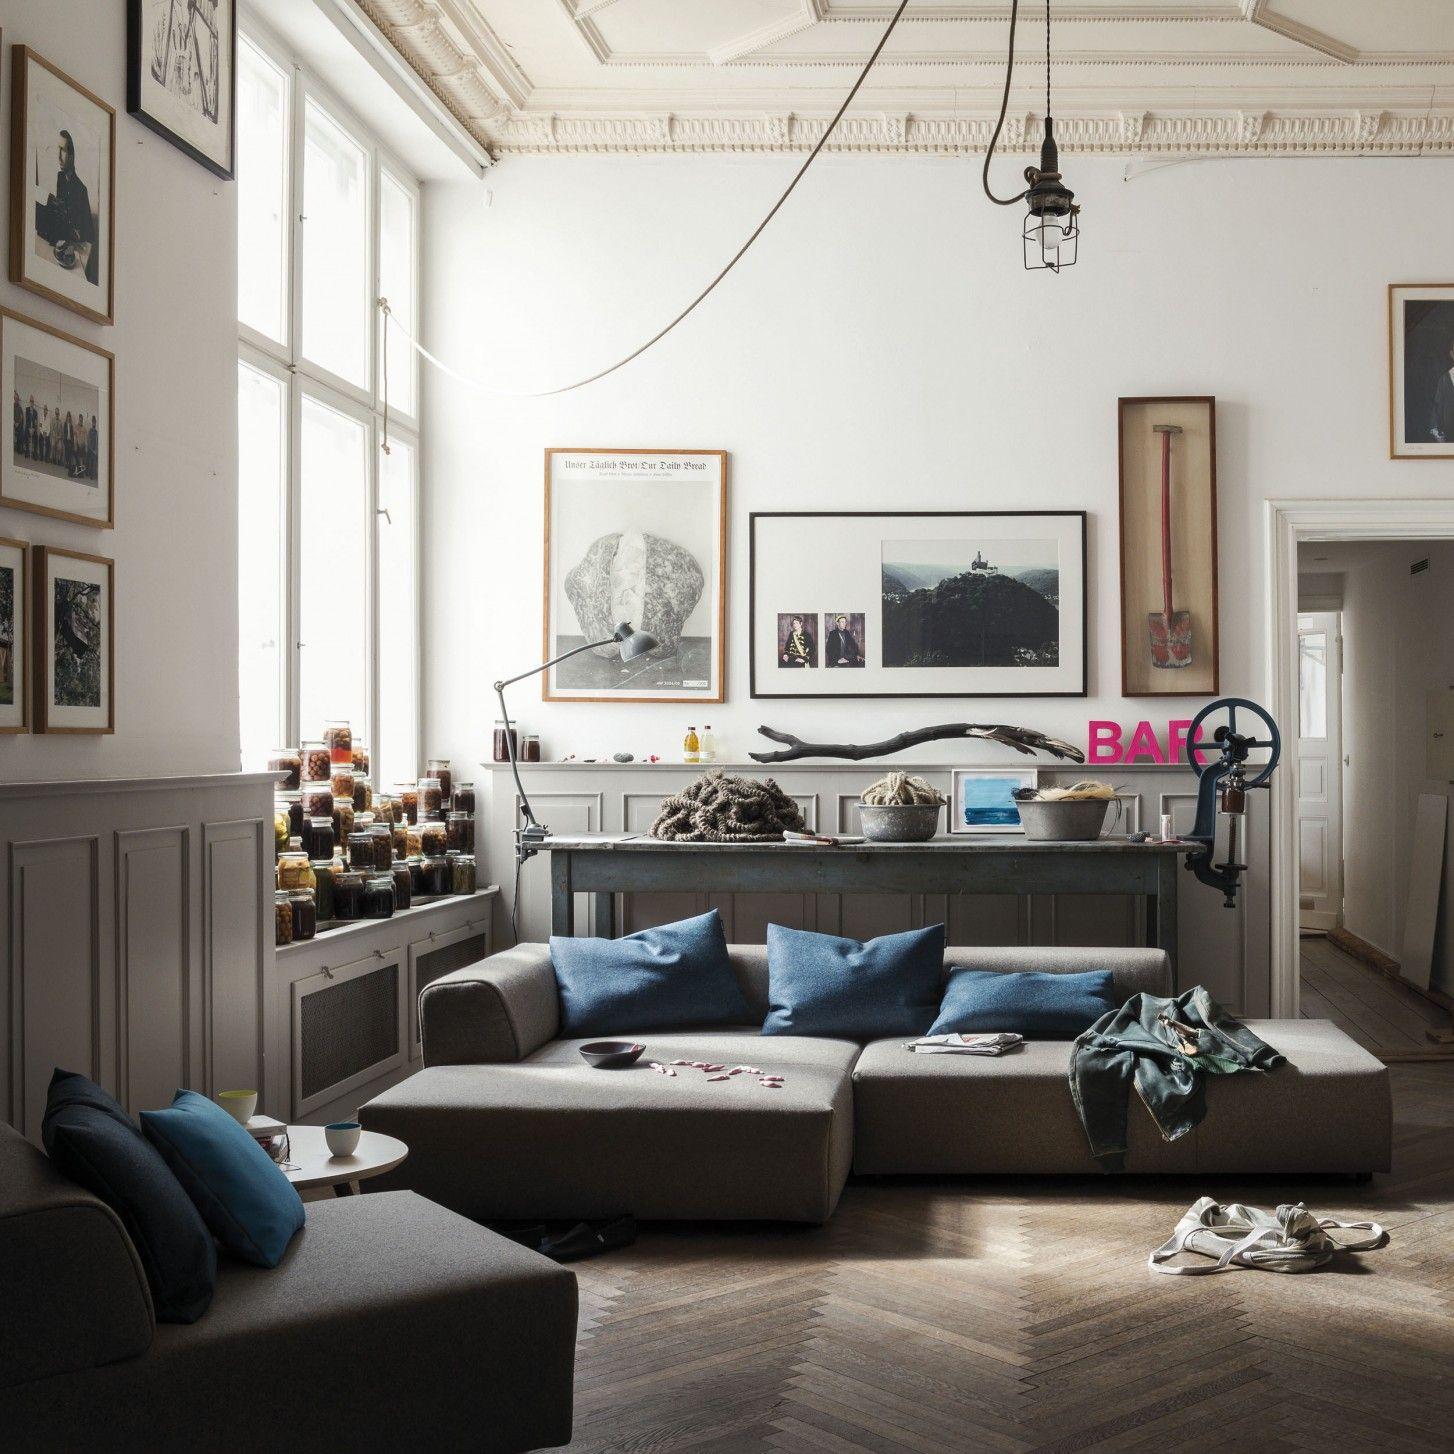 Bezaubernd Lounge Sofa Wohnzimmer Sammlung Von Rolf Benz - Freistil 184 Lounge-sofa Im